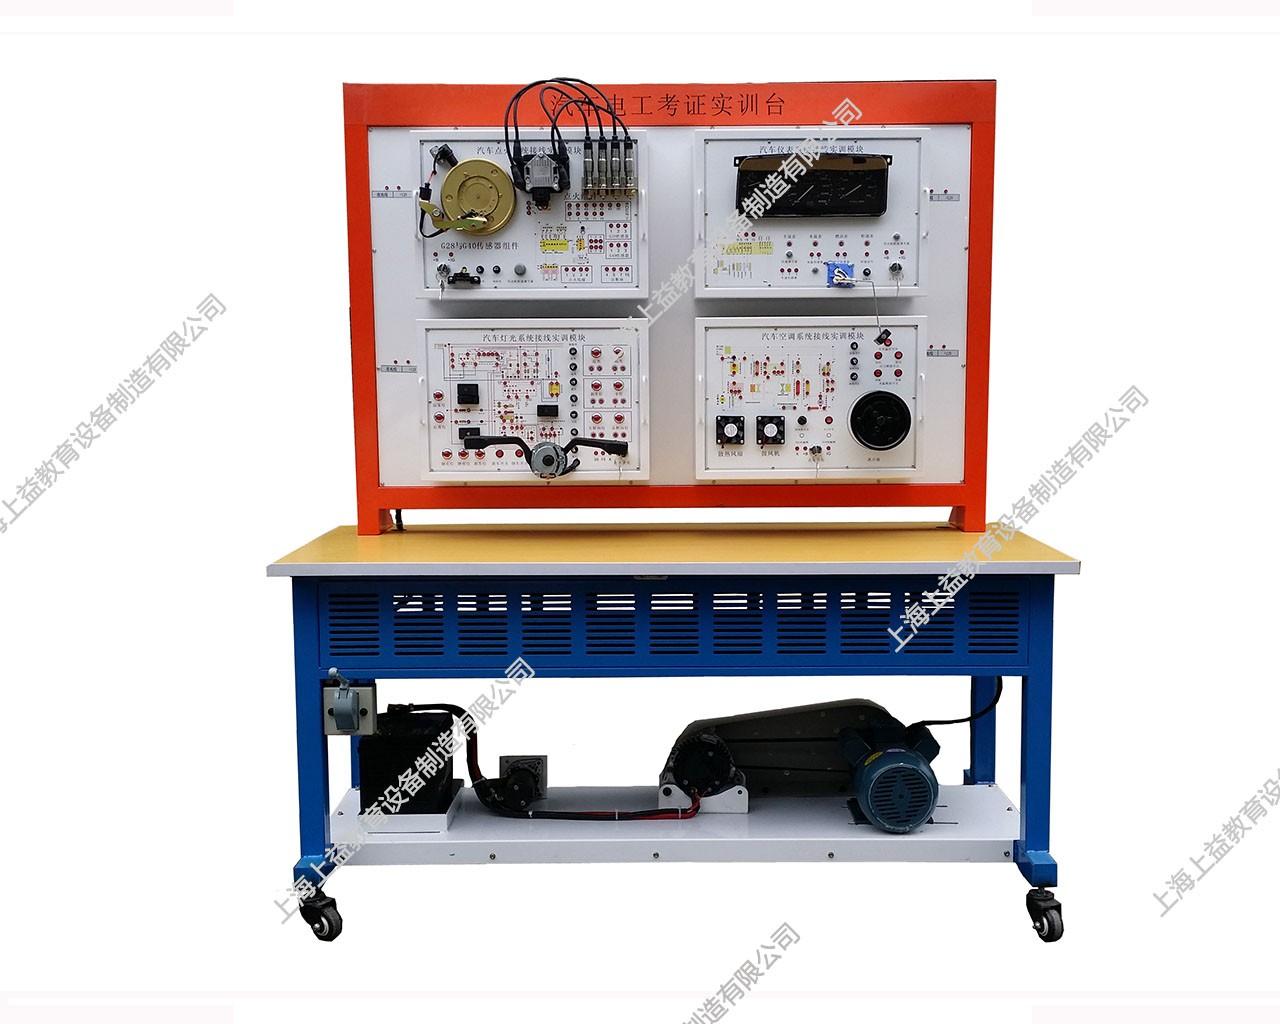 汽车电工考证wwwlehu8viplehu68vip装置